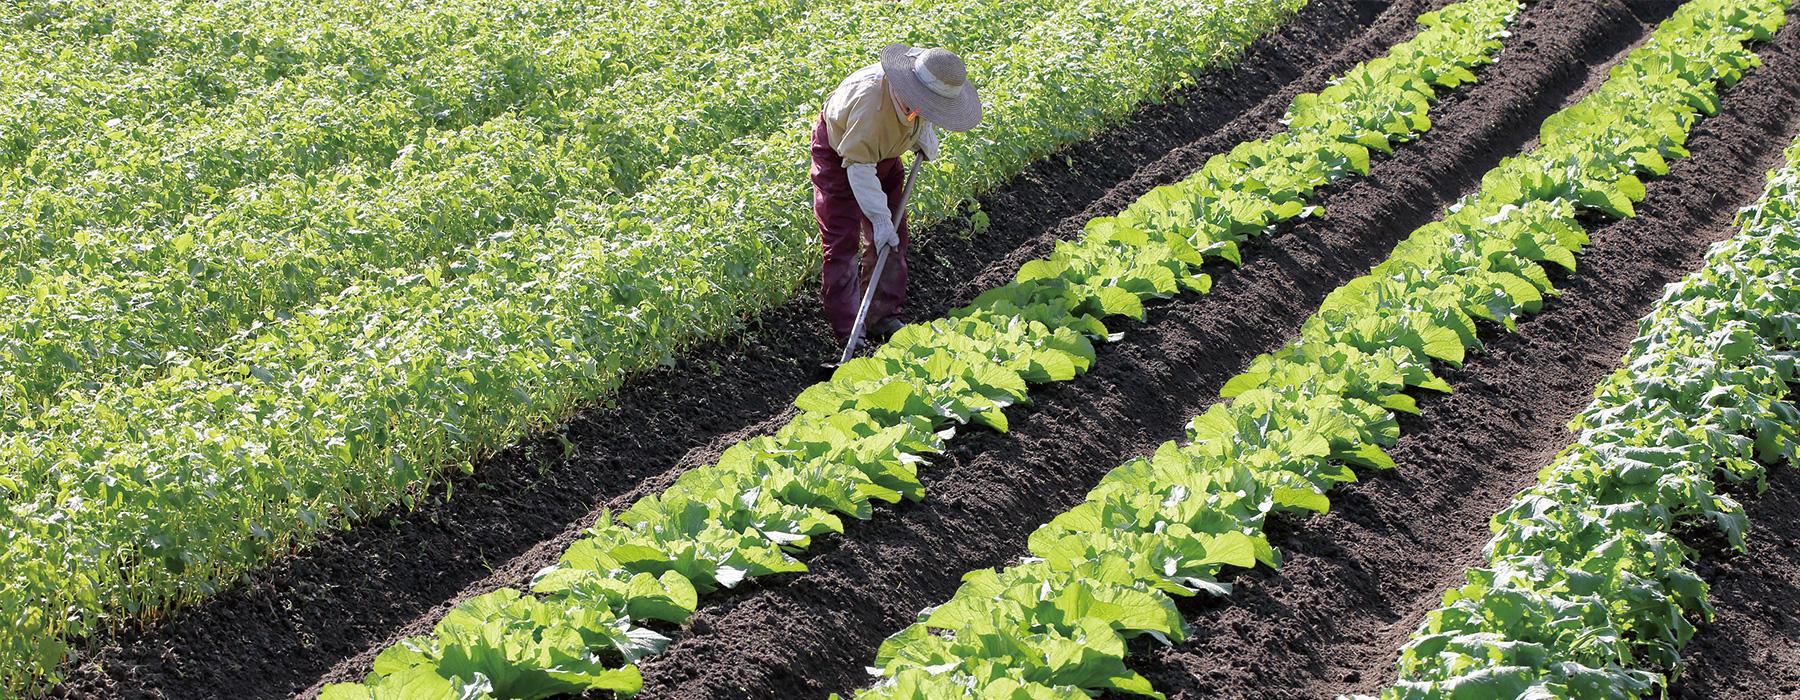 写真:農業と福祉の連携について